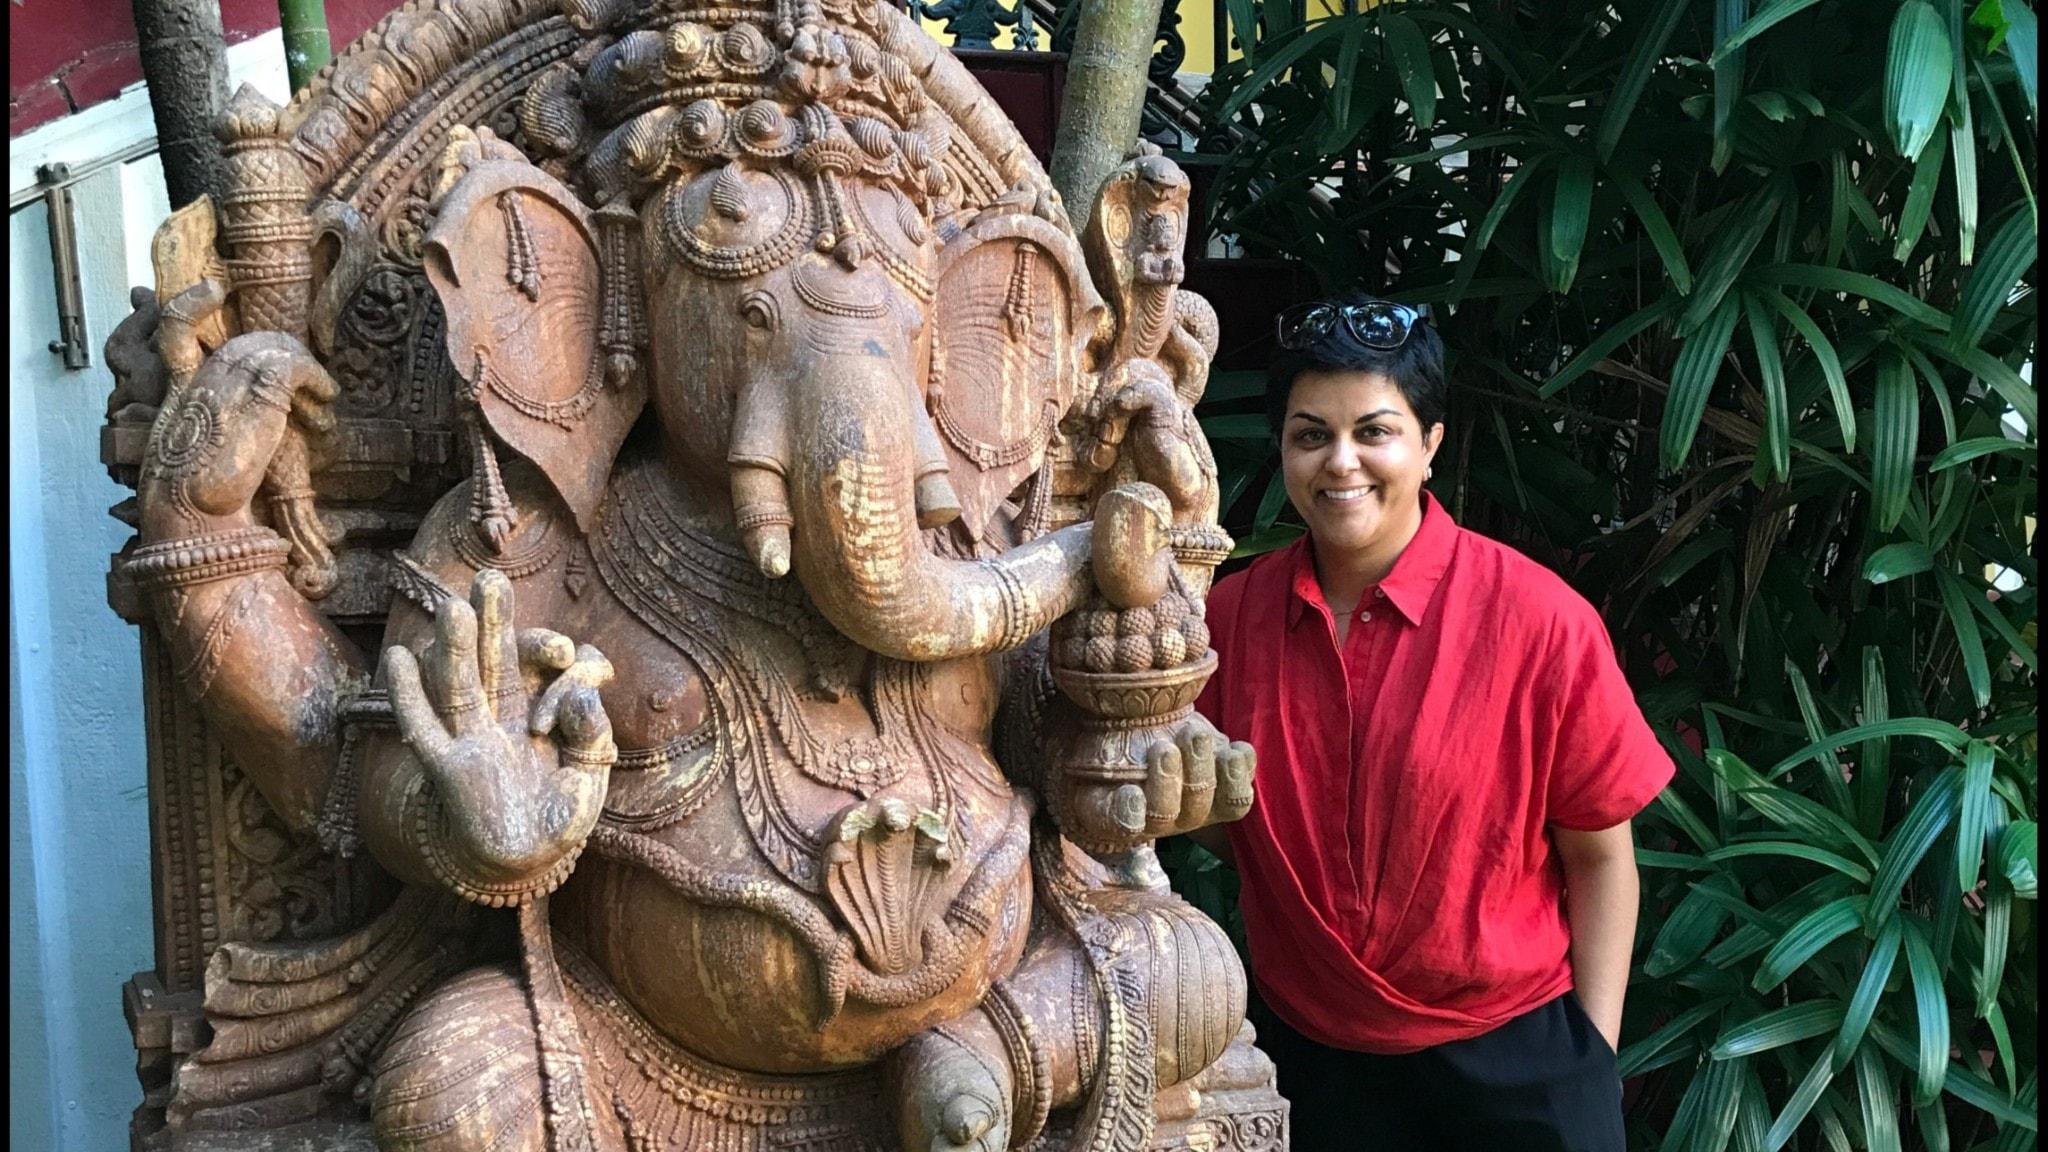 En kvinna i röd tröja står bredvid en Ganesha-staty